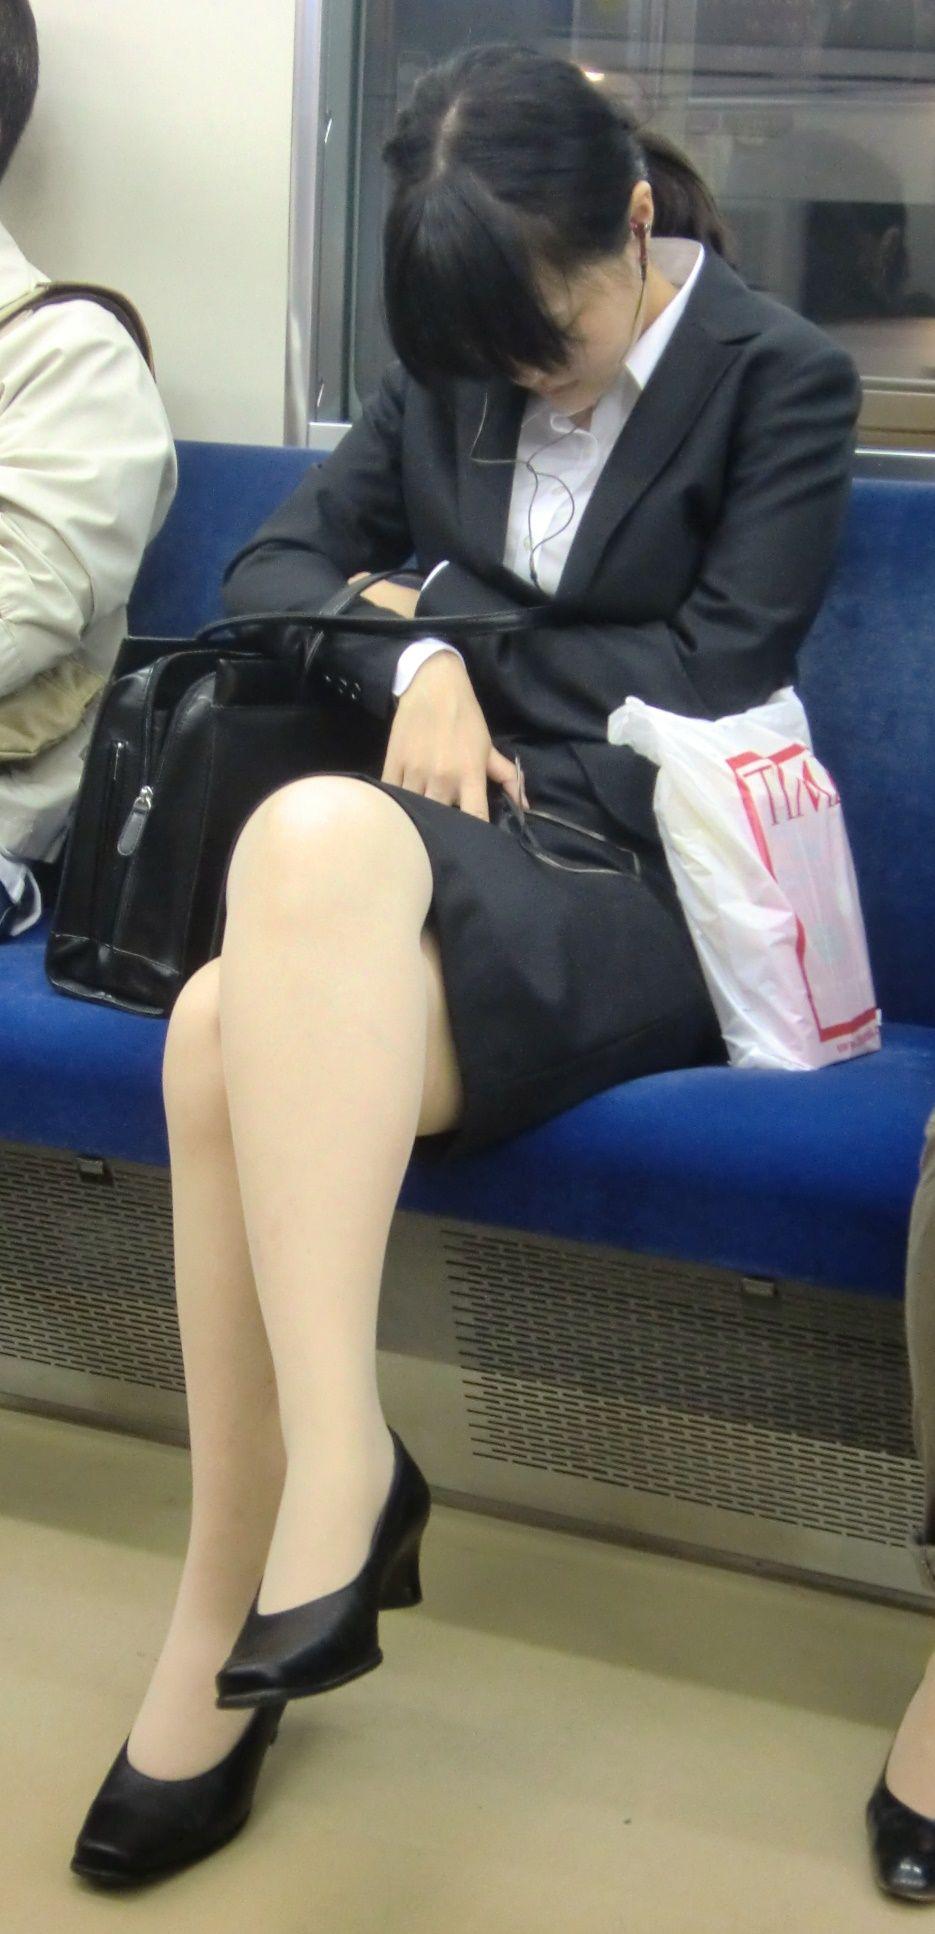 OLのスーツ・制服に萌えるスレPart23(チョンOK) [転載禁止]©bbspink.comYouTube動画>24本 ->画像>2643枚